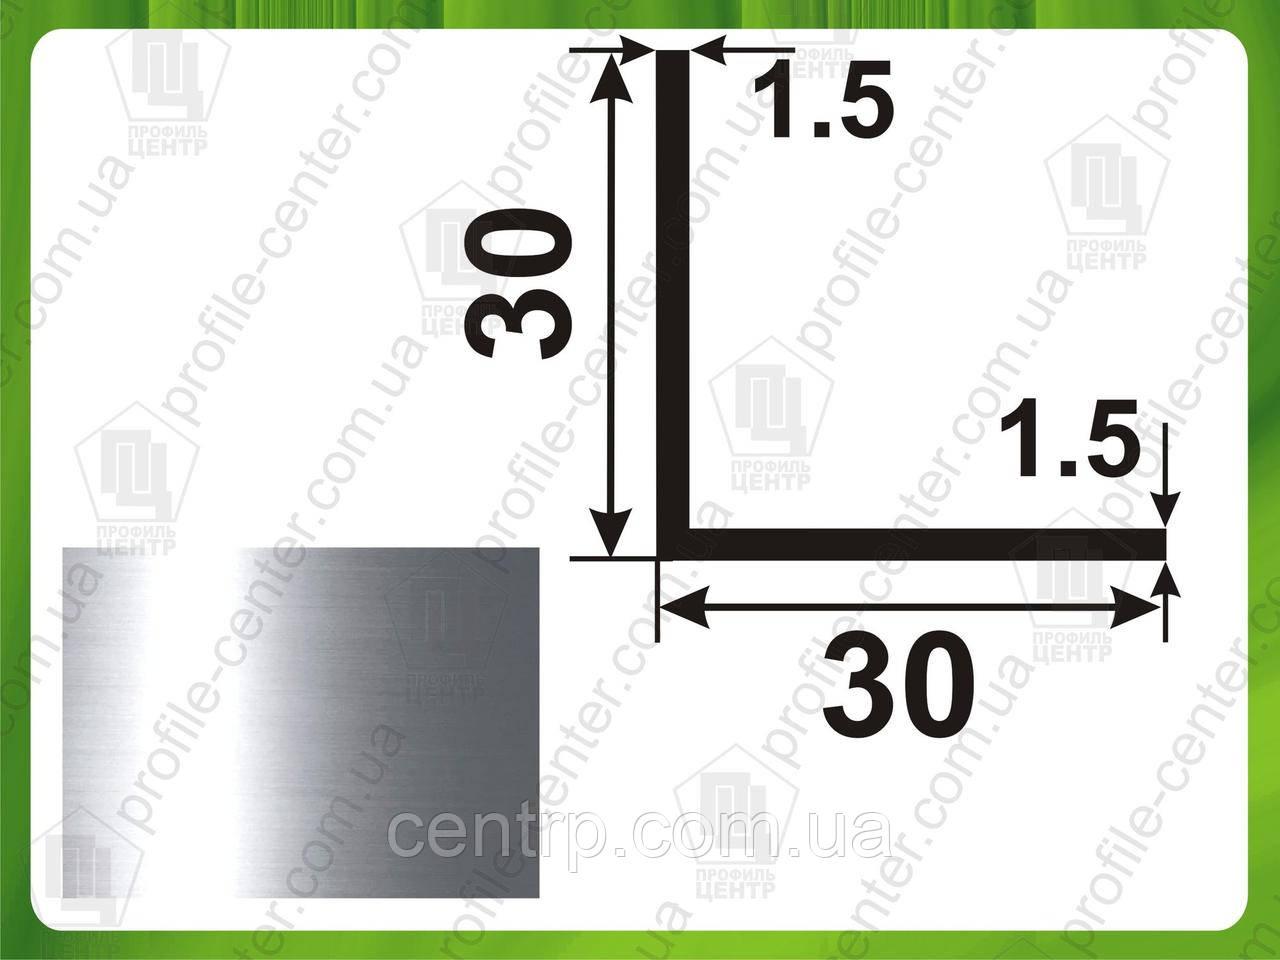 Угол алюминиевый 30х30х1,5 равнополочный равносторонний Серебро (анод) полированный